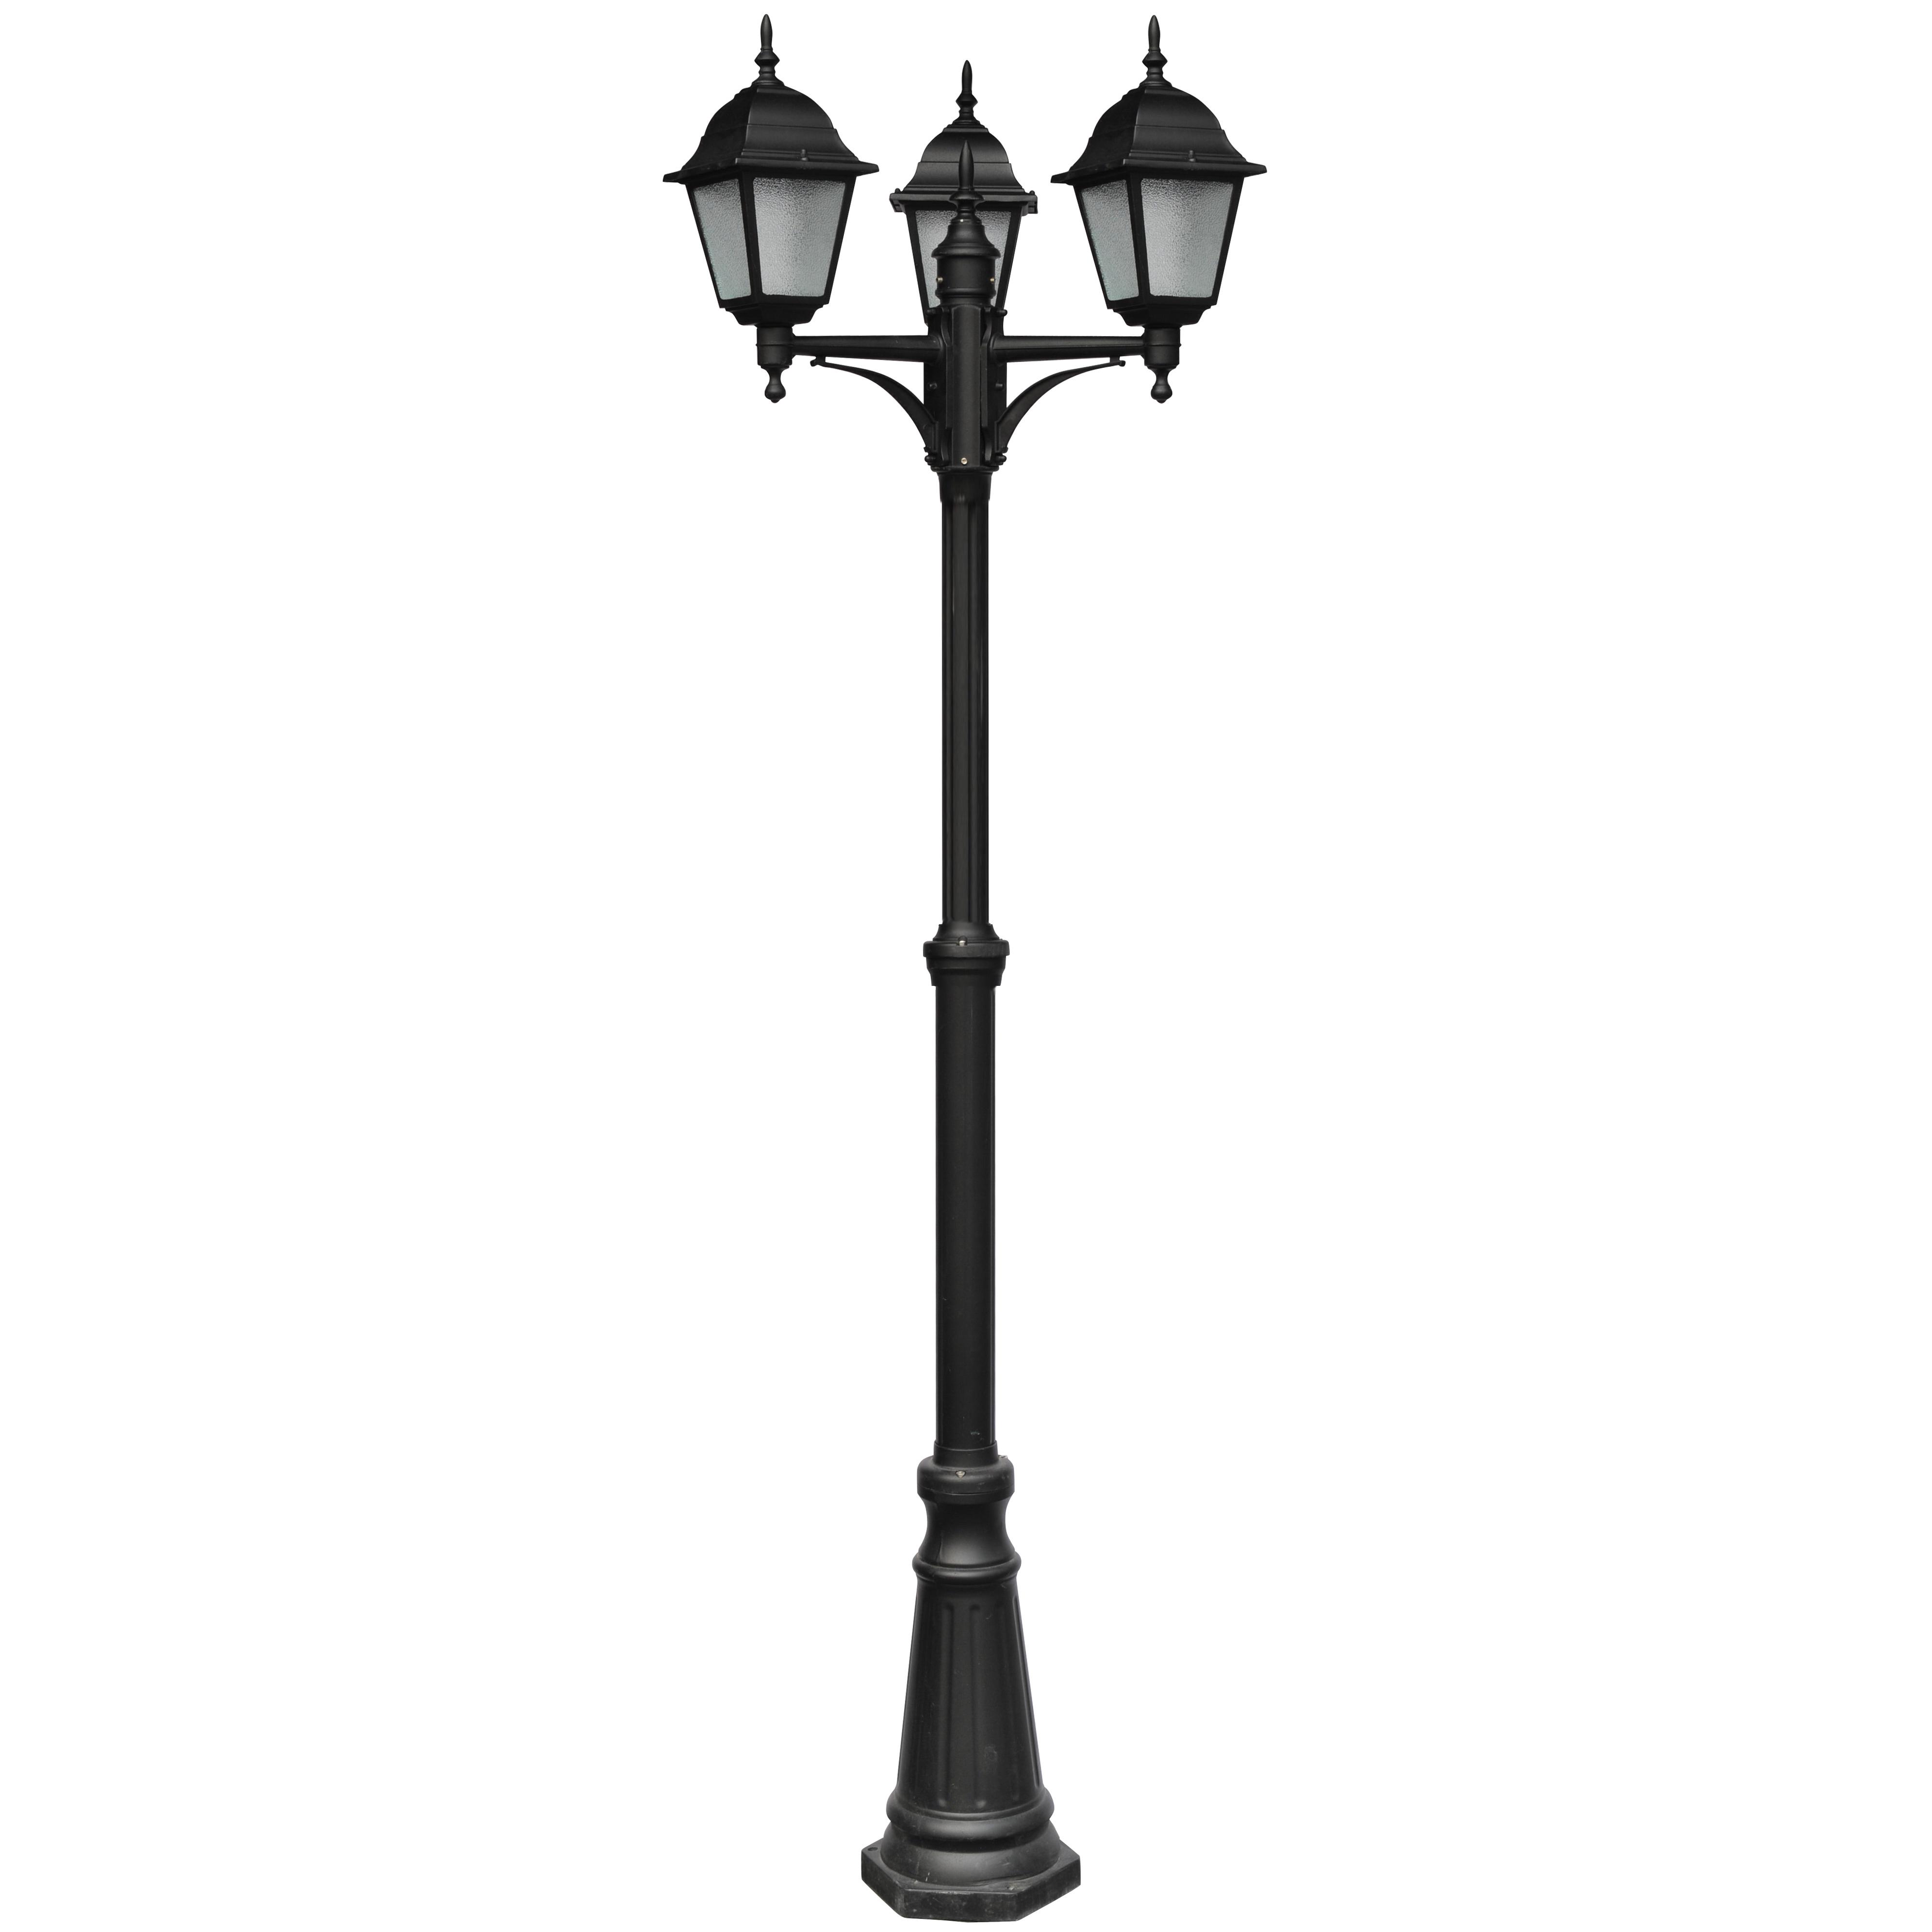 Светильник уличный Arte lamp Bremen a1017pa-3bk накладной светильник arte lamp falcon a5633pl 3bk